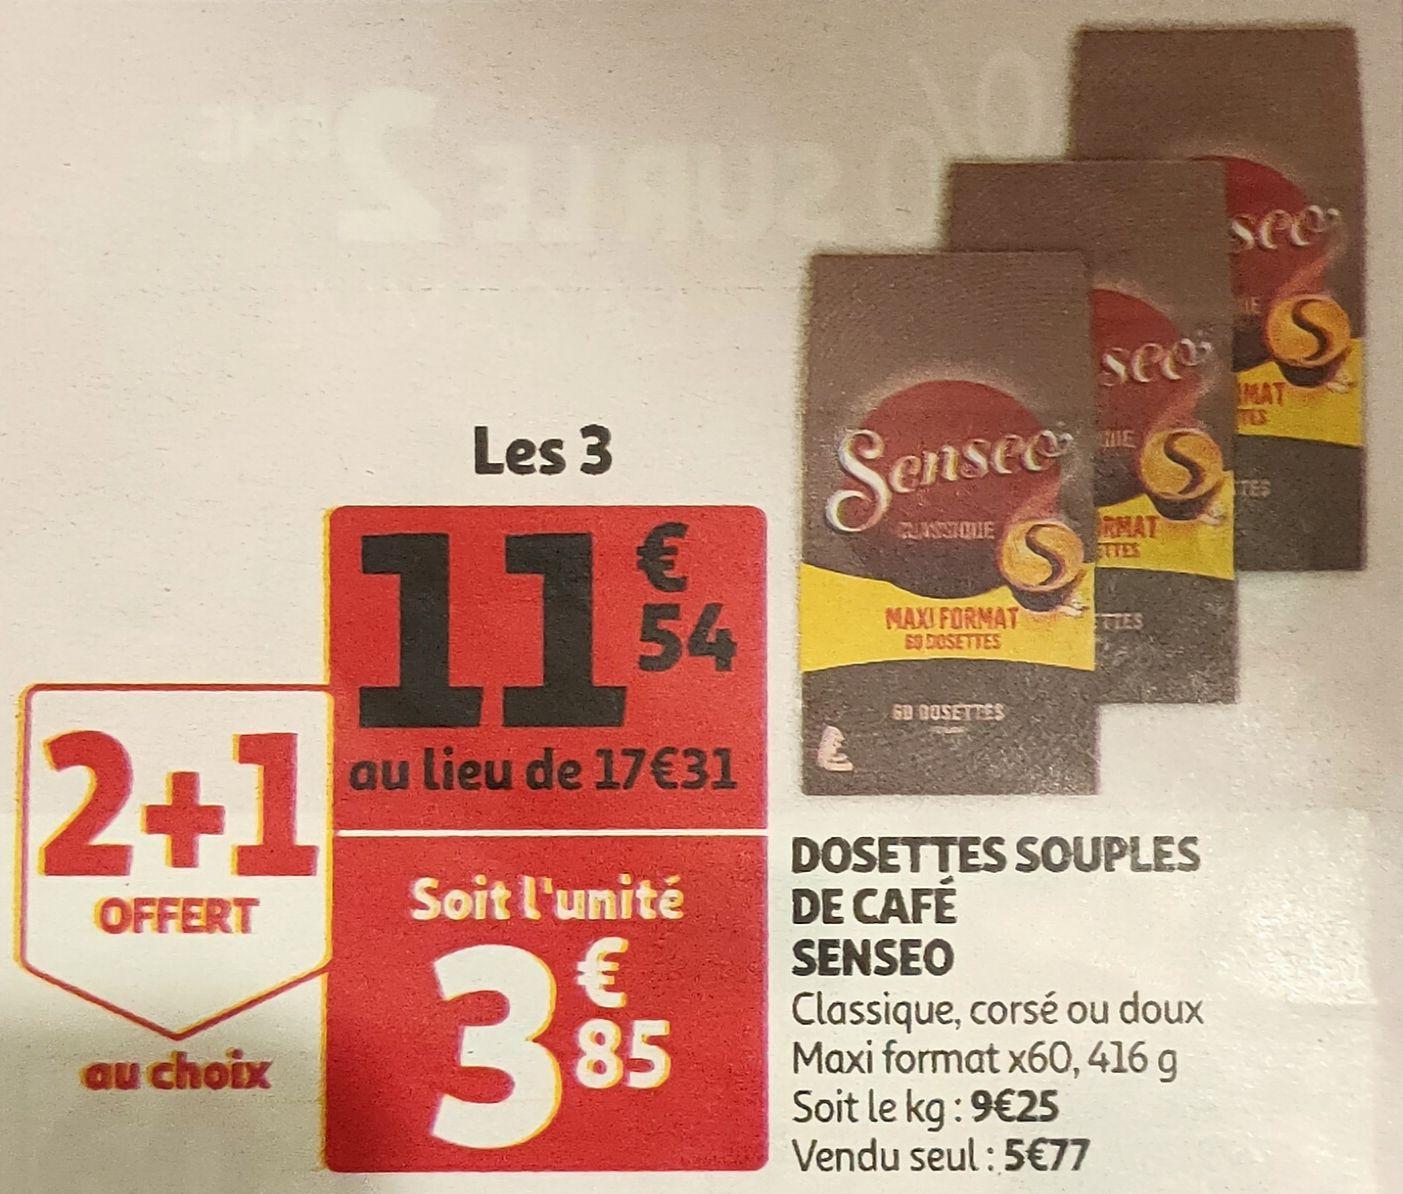 Dosettes souples café Senseo - 3 x 60 dosettes